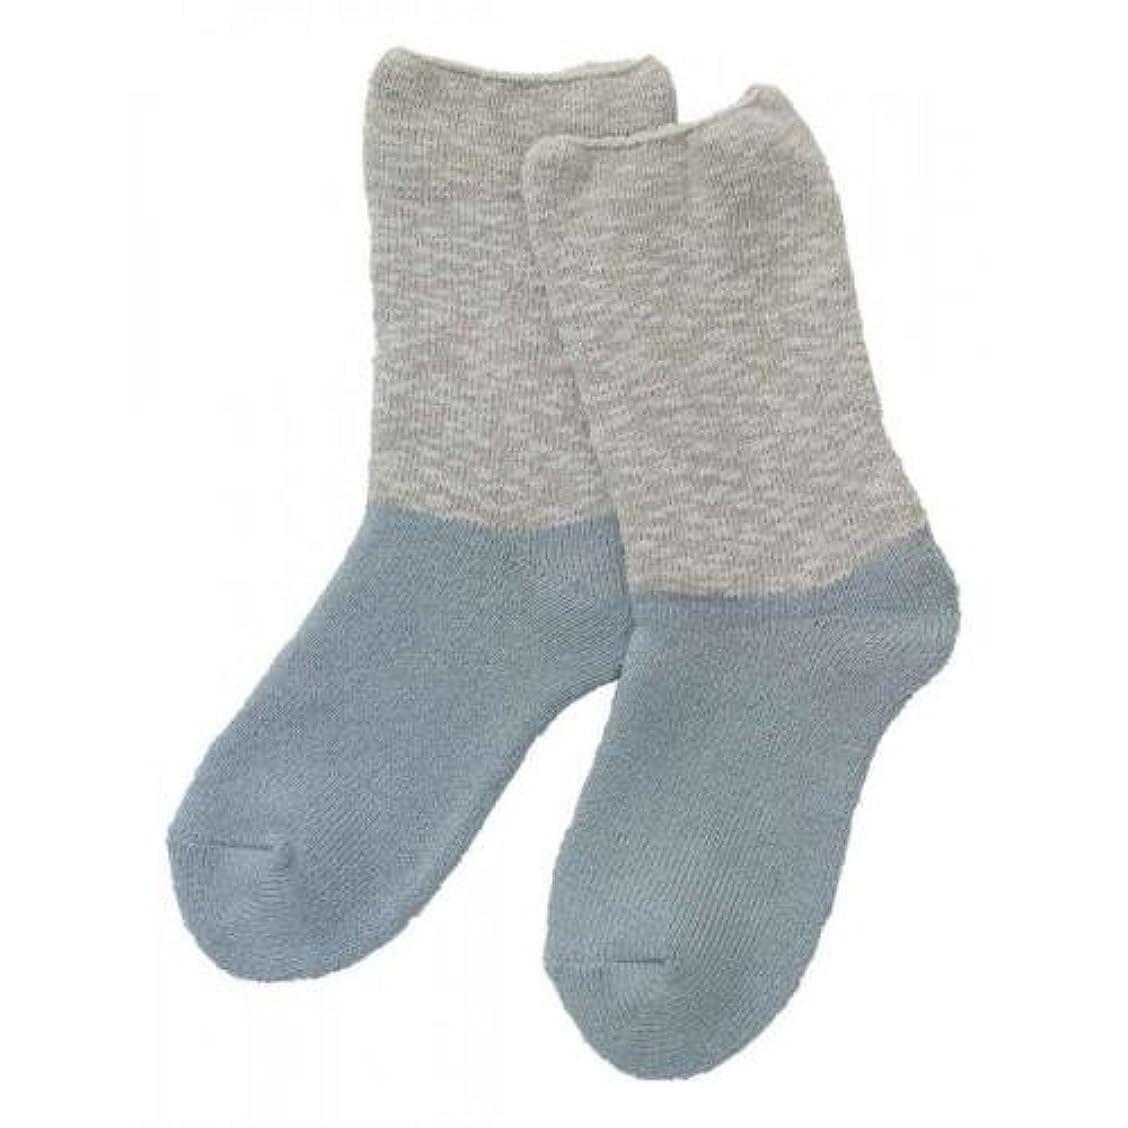 忘れる素子商人Carelance(ケアランス)お風呂上りのやさしい靴下 綿麻パイルで足先さわやか 8706CA-70 ブルー